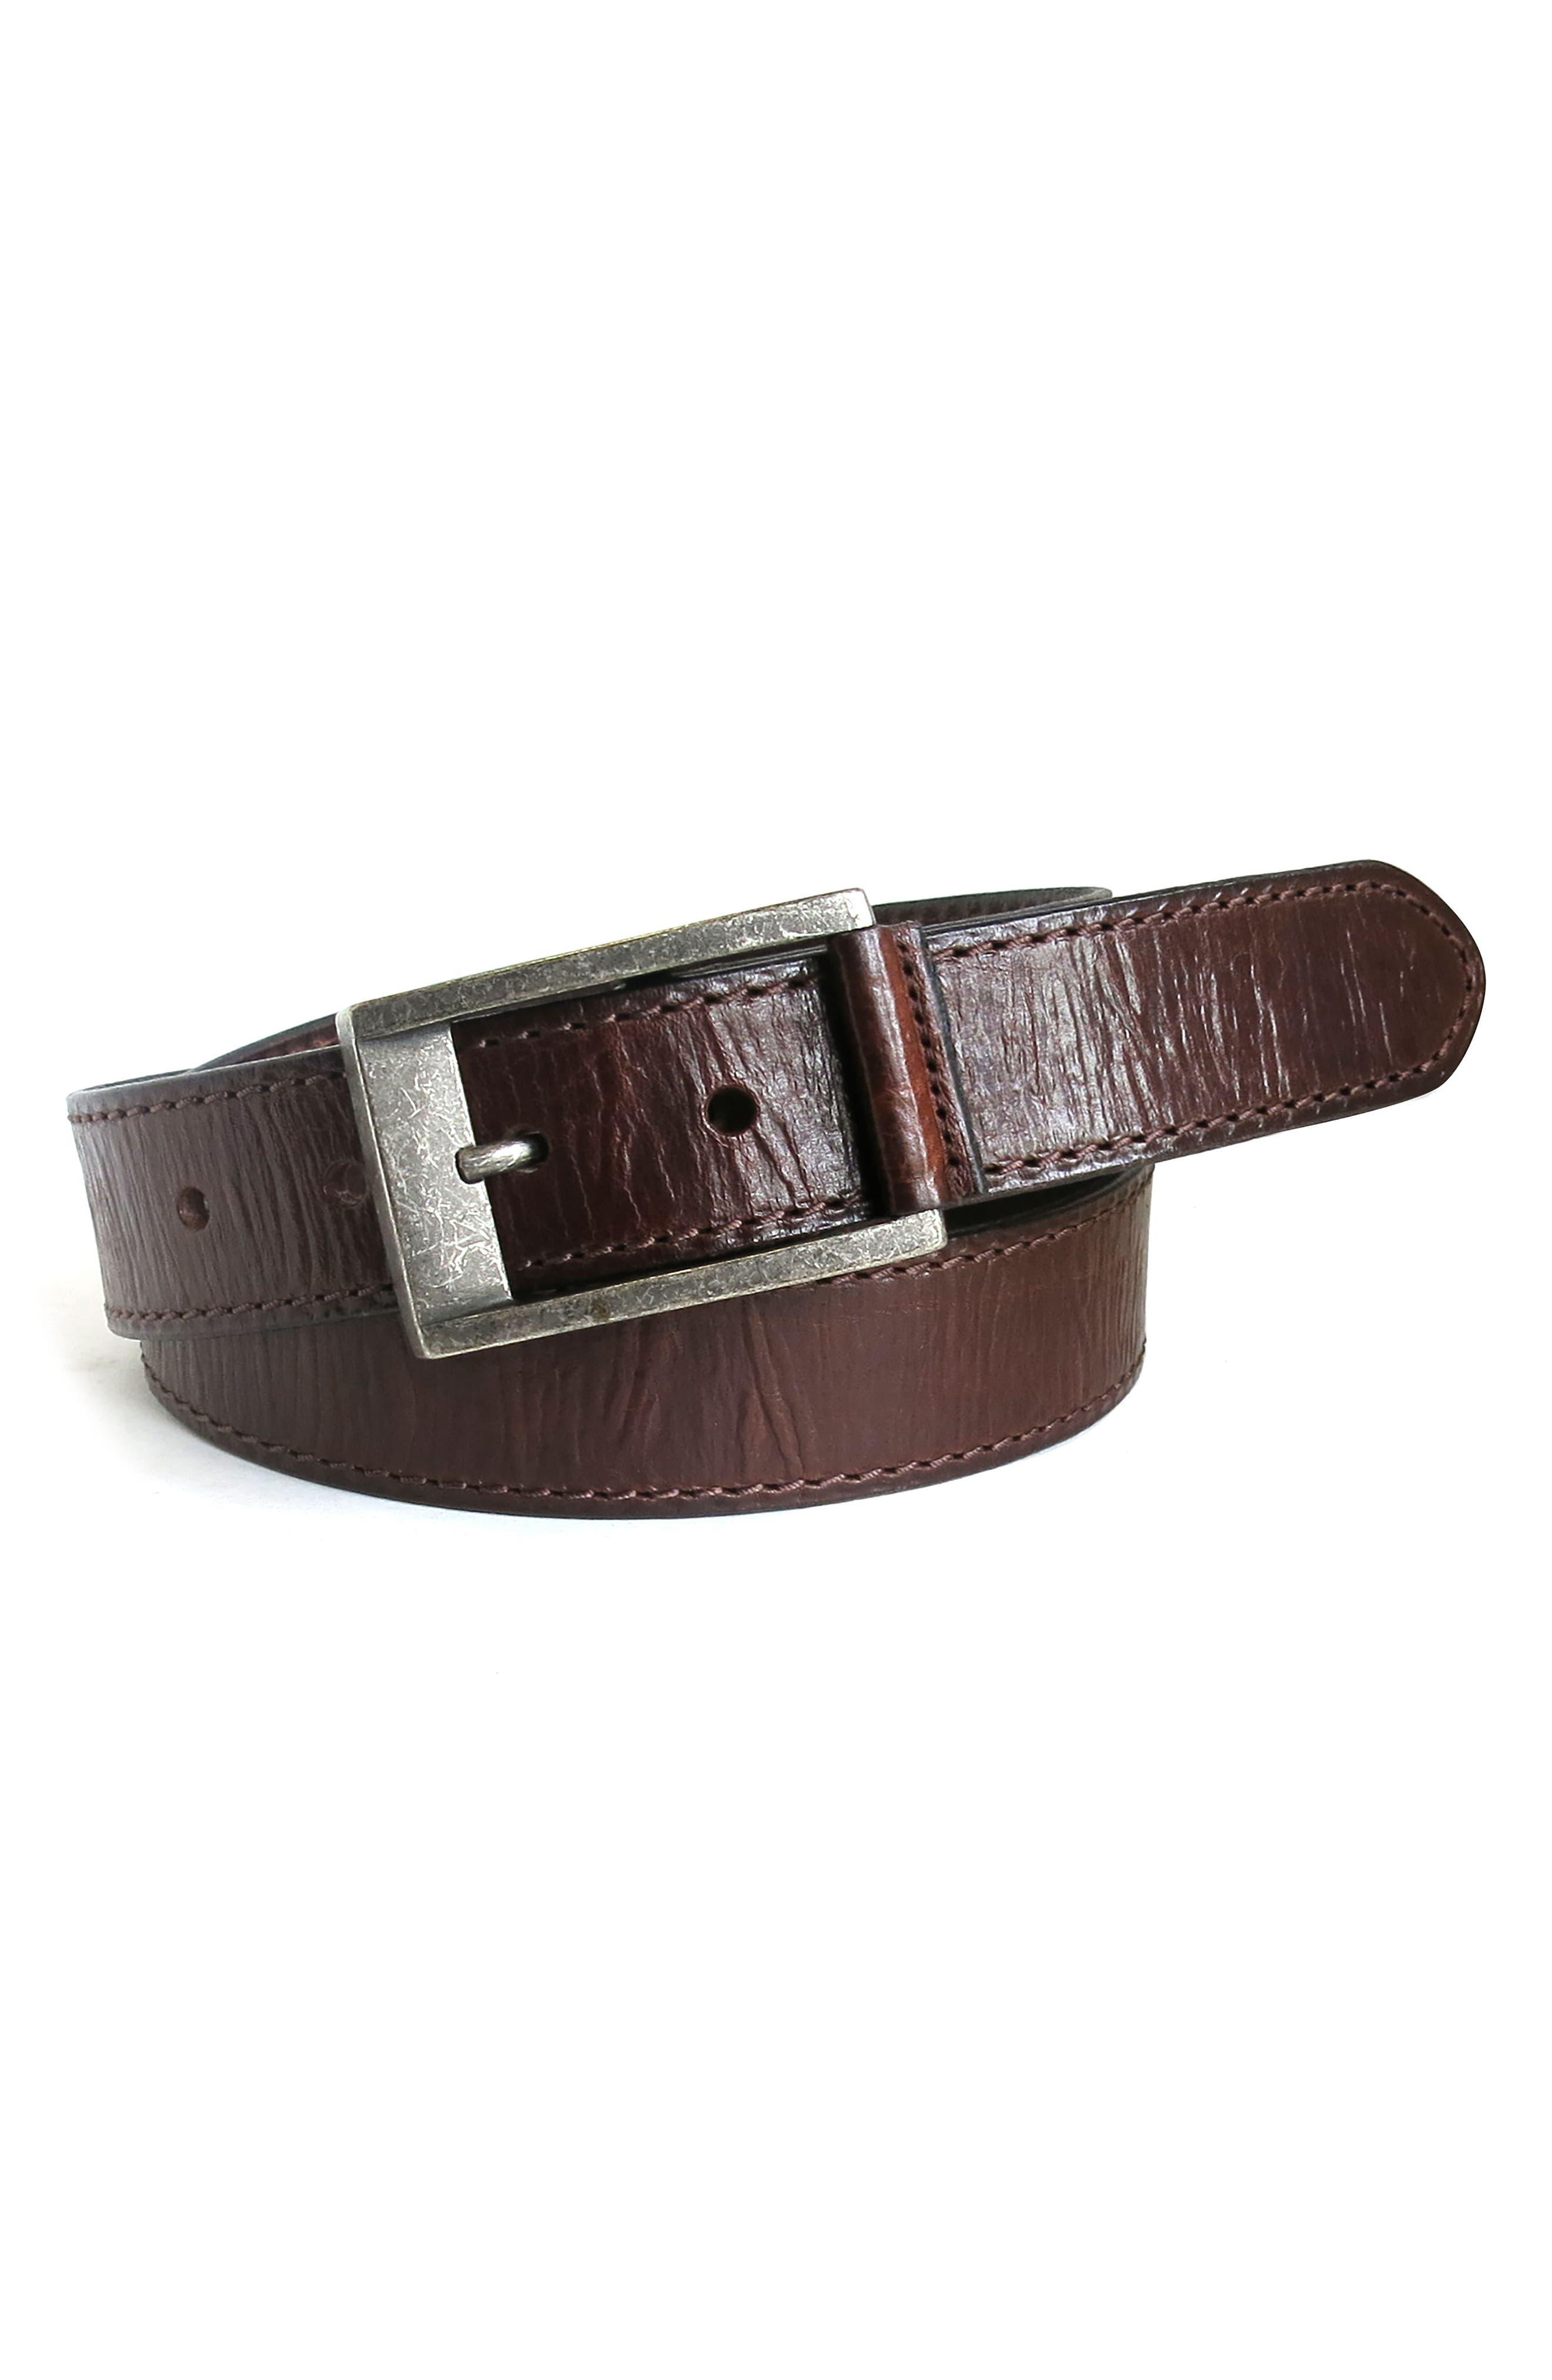 Burnished Calfskin Leather Belt,                             Alternate thumbnail 3, color,                             Chestnut